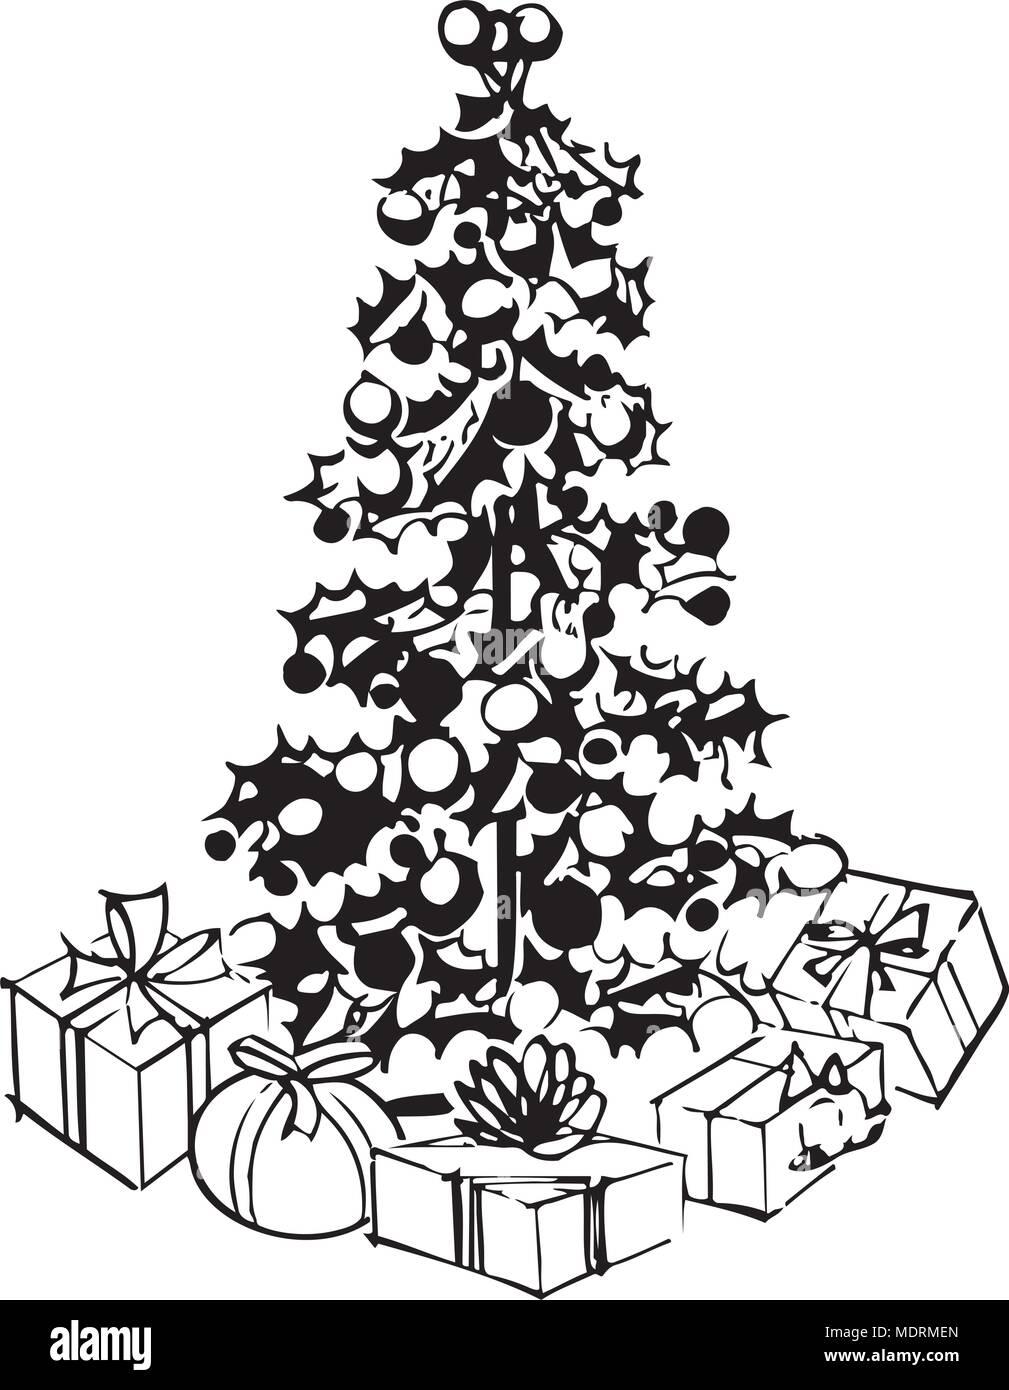 Weihnachtsbaum Clipart.Weihnachtsbaum Und Geschenke Retro Clipart Illustration Vektor